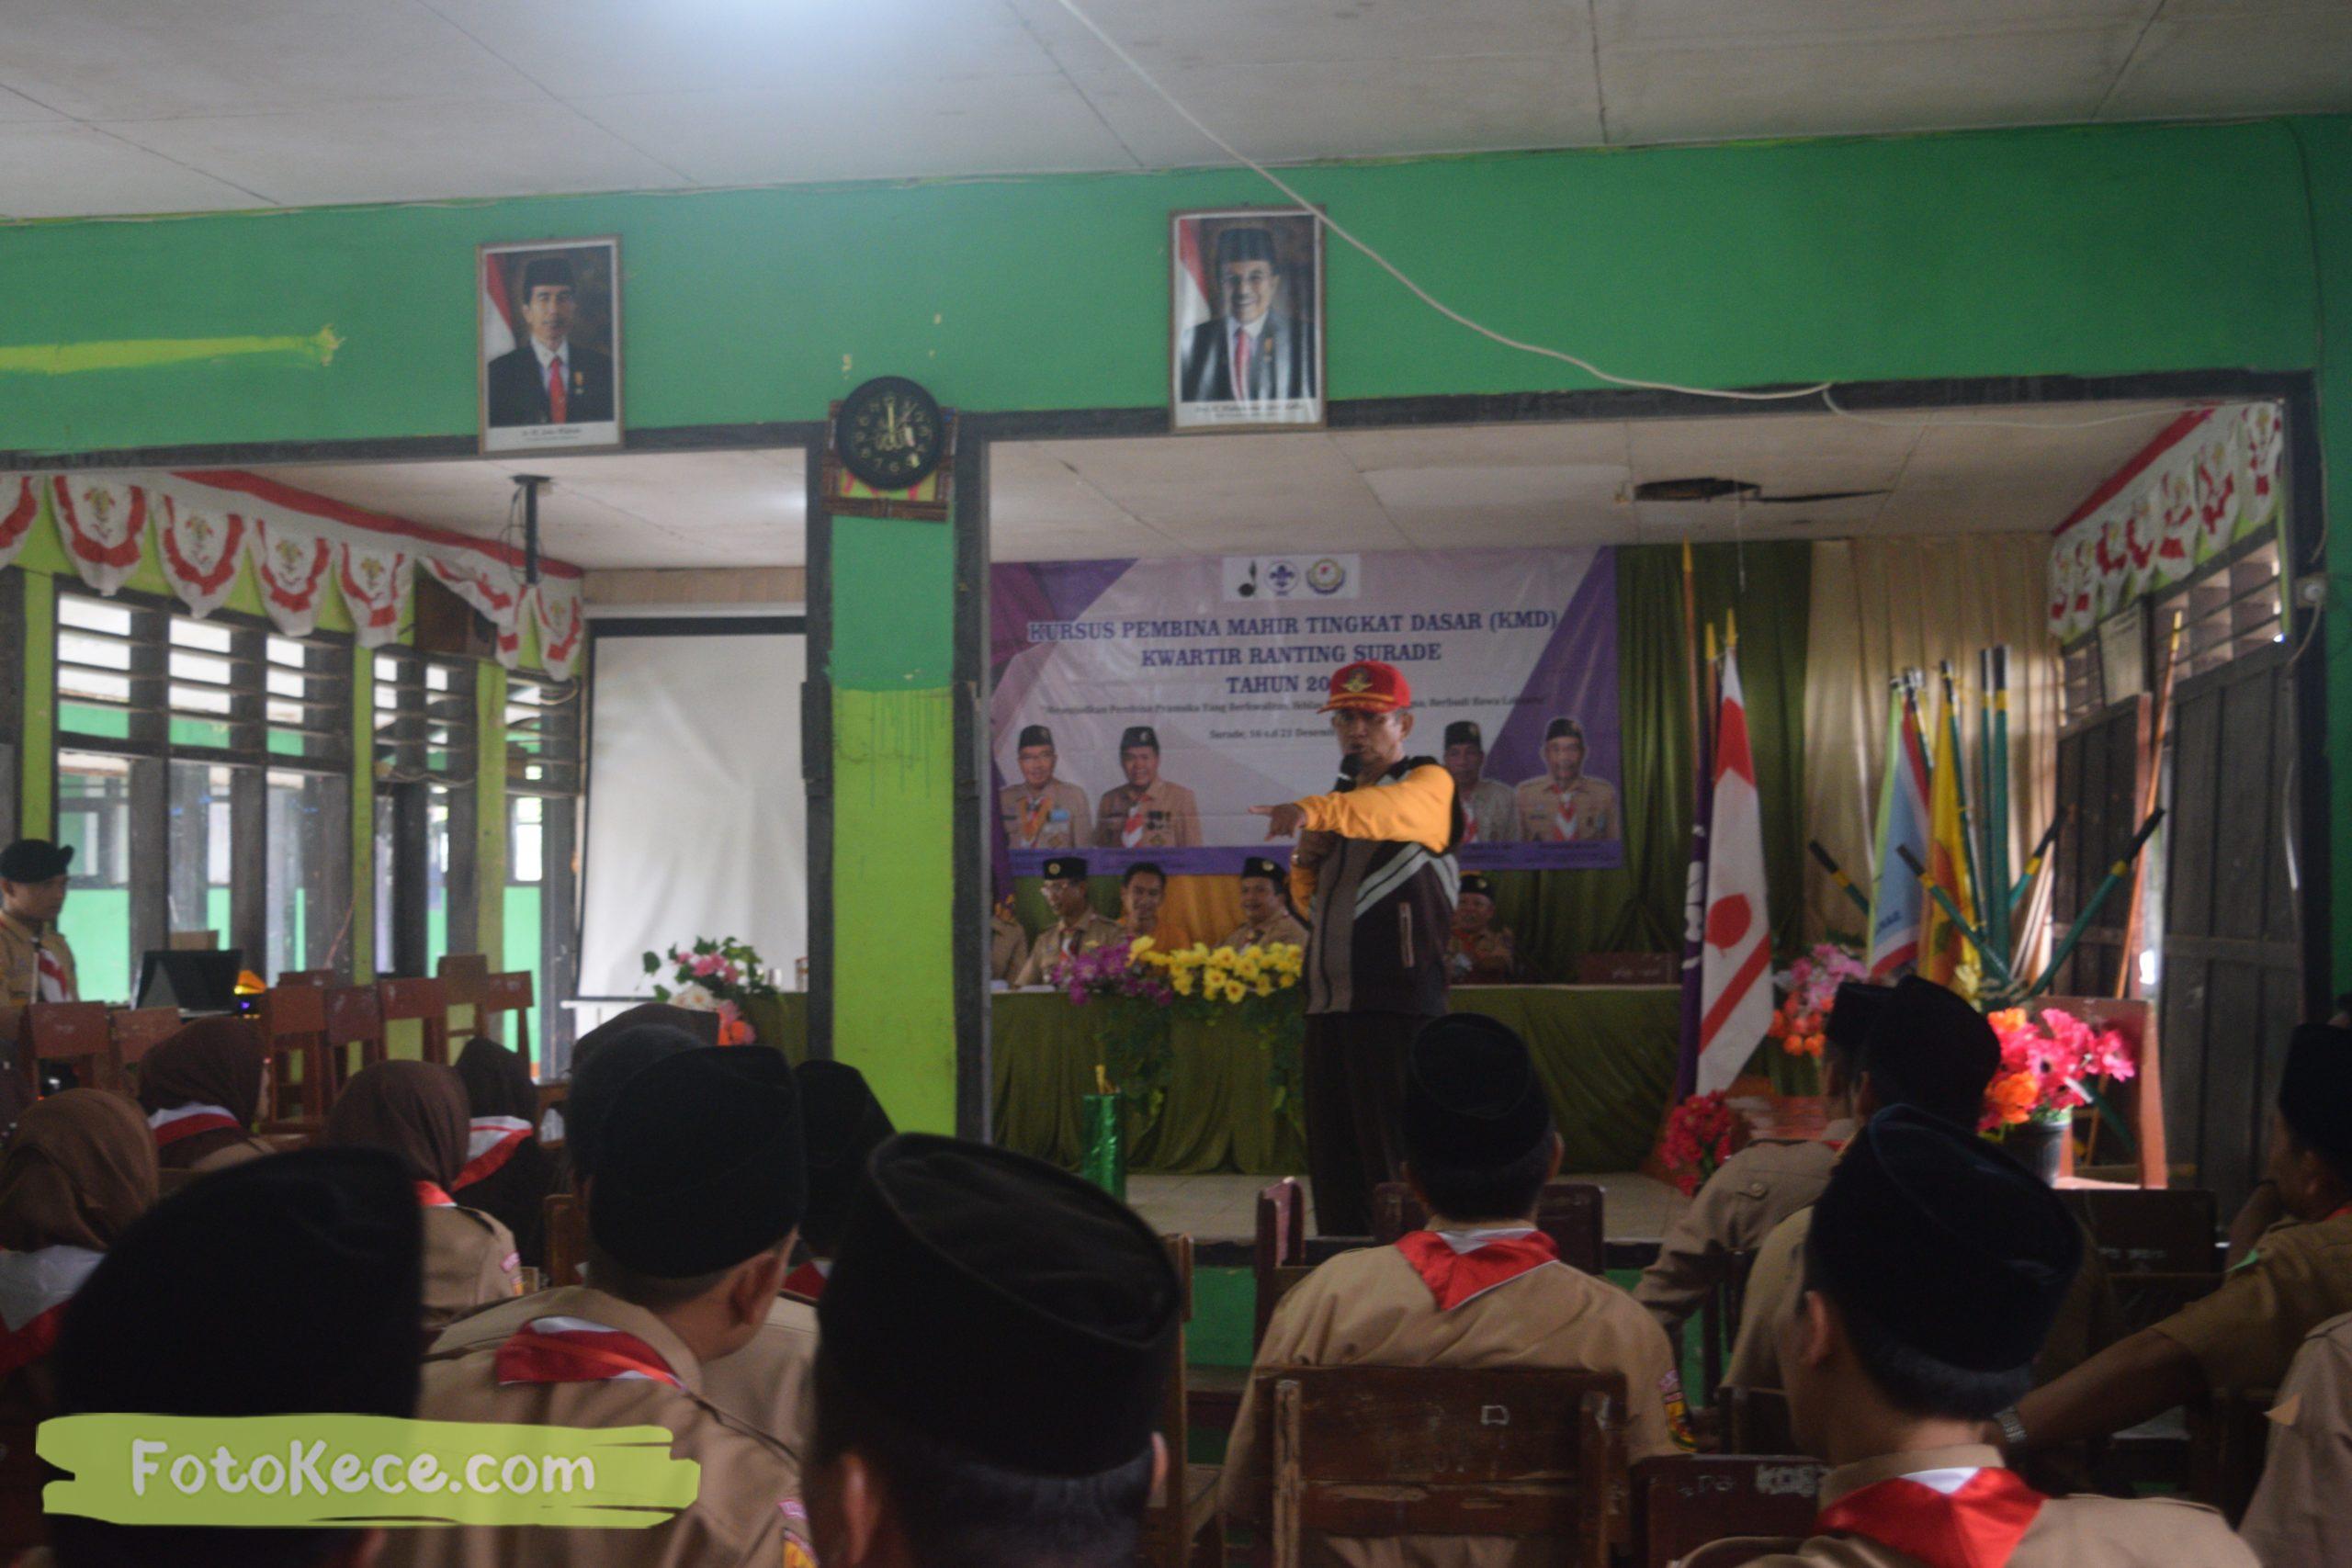 indoor kursus pembina mahir tingkat dasar kmd kwartir ranting surade 2019 fotokece Des 2019 51 scaled